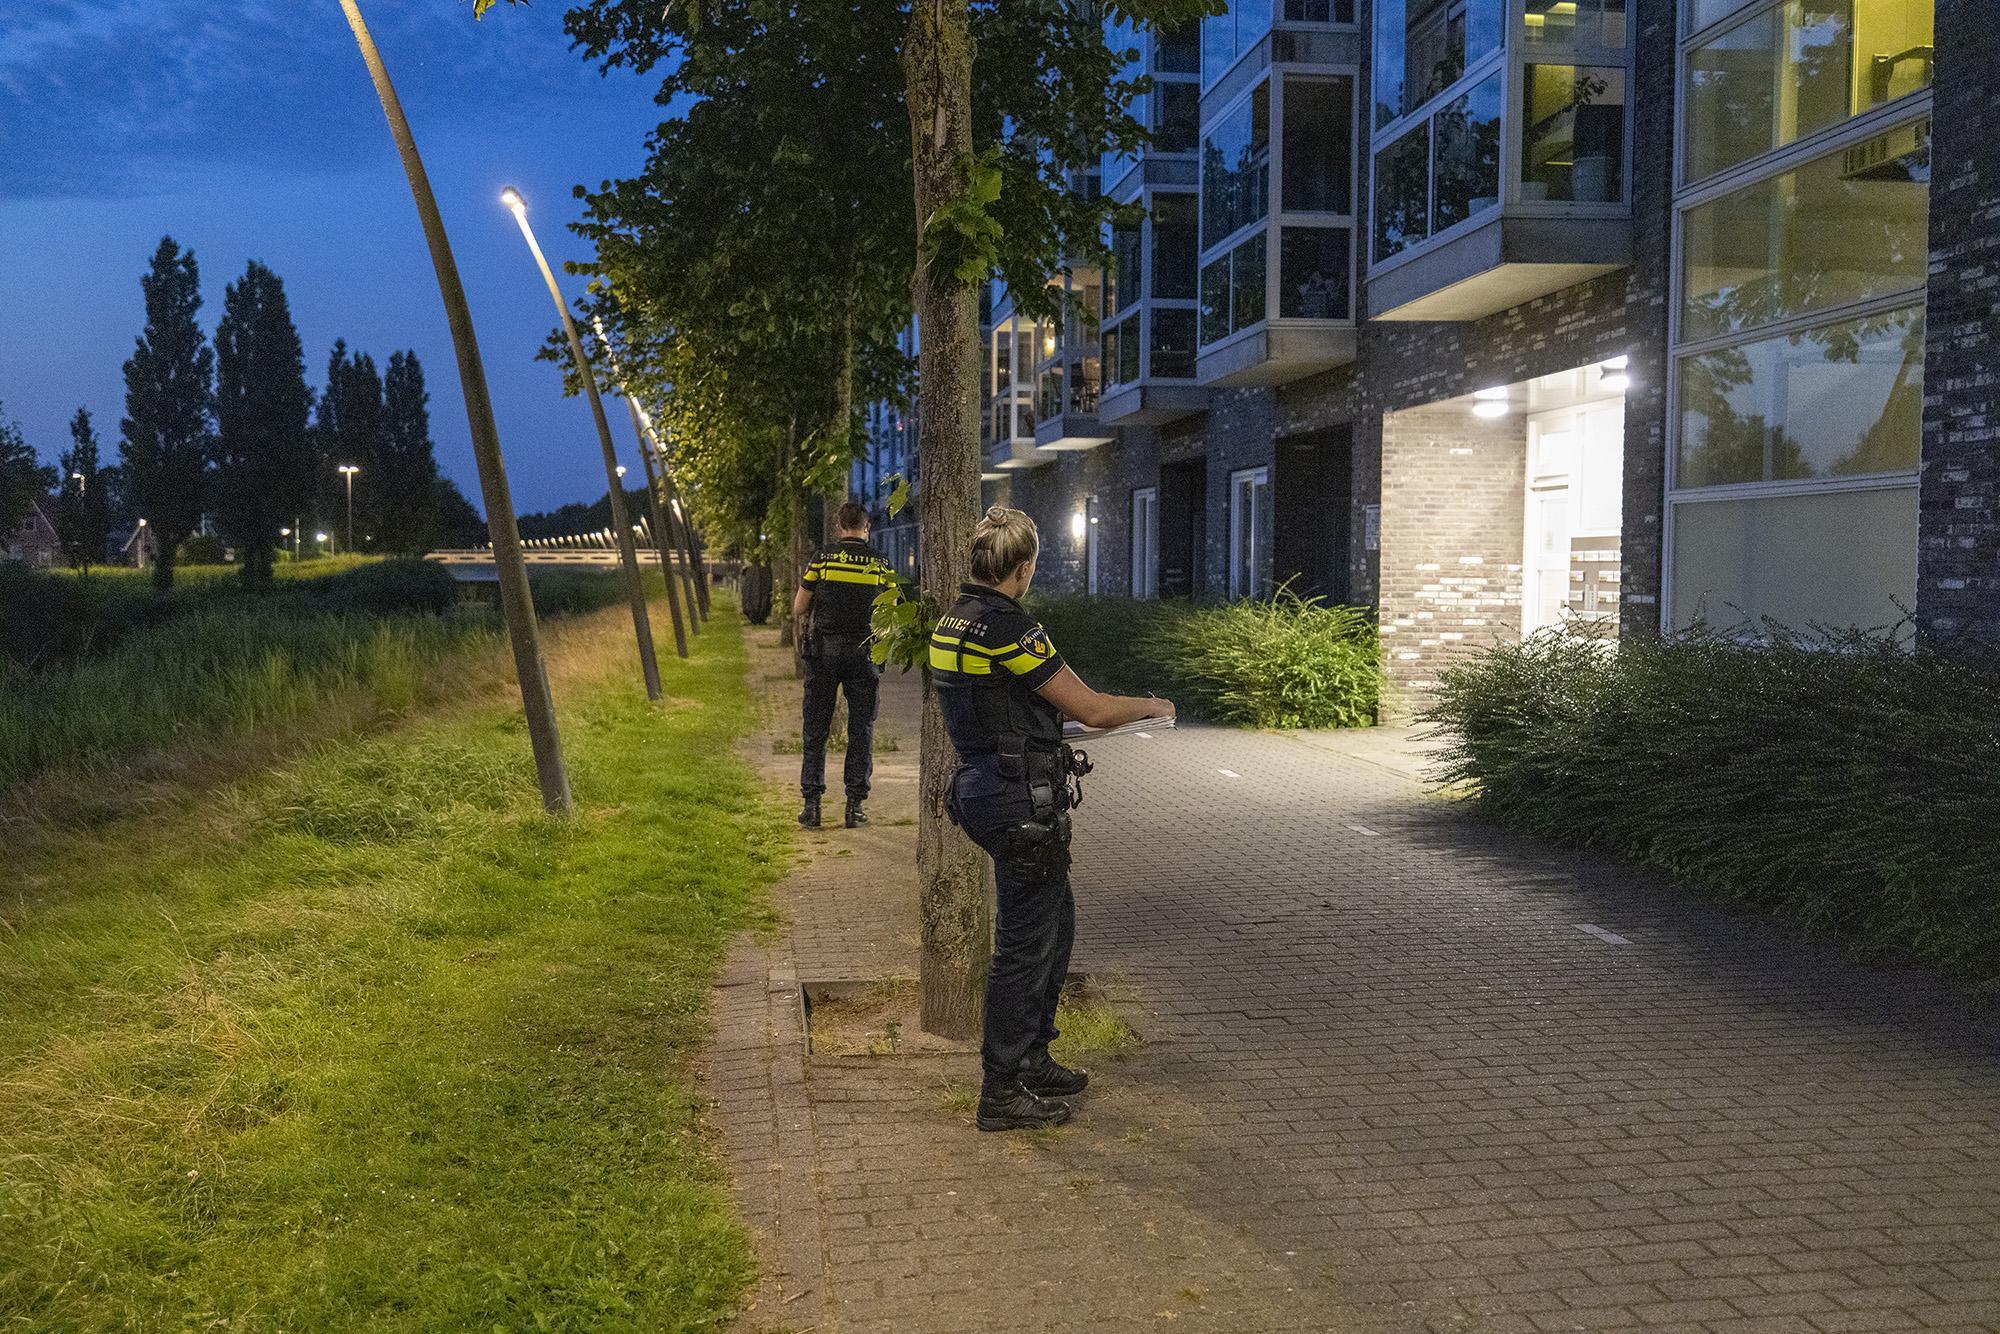 Woningoverval in Nieuw-Vennep, politiehelikopter ingezet bij zoektocht naar verdachten